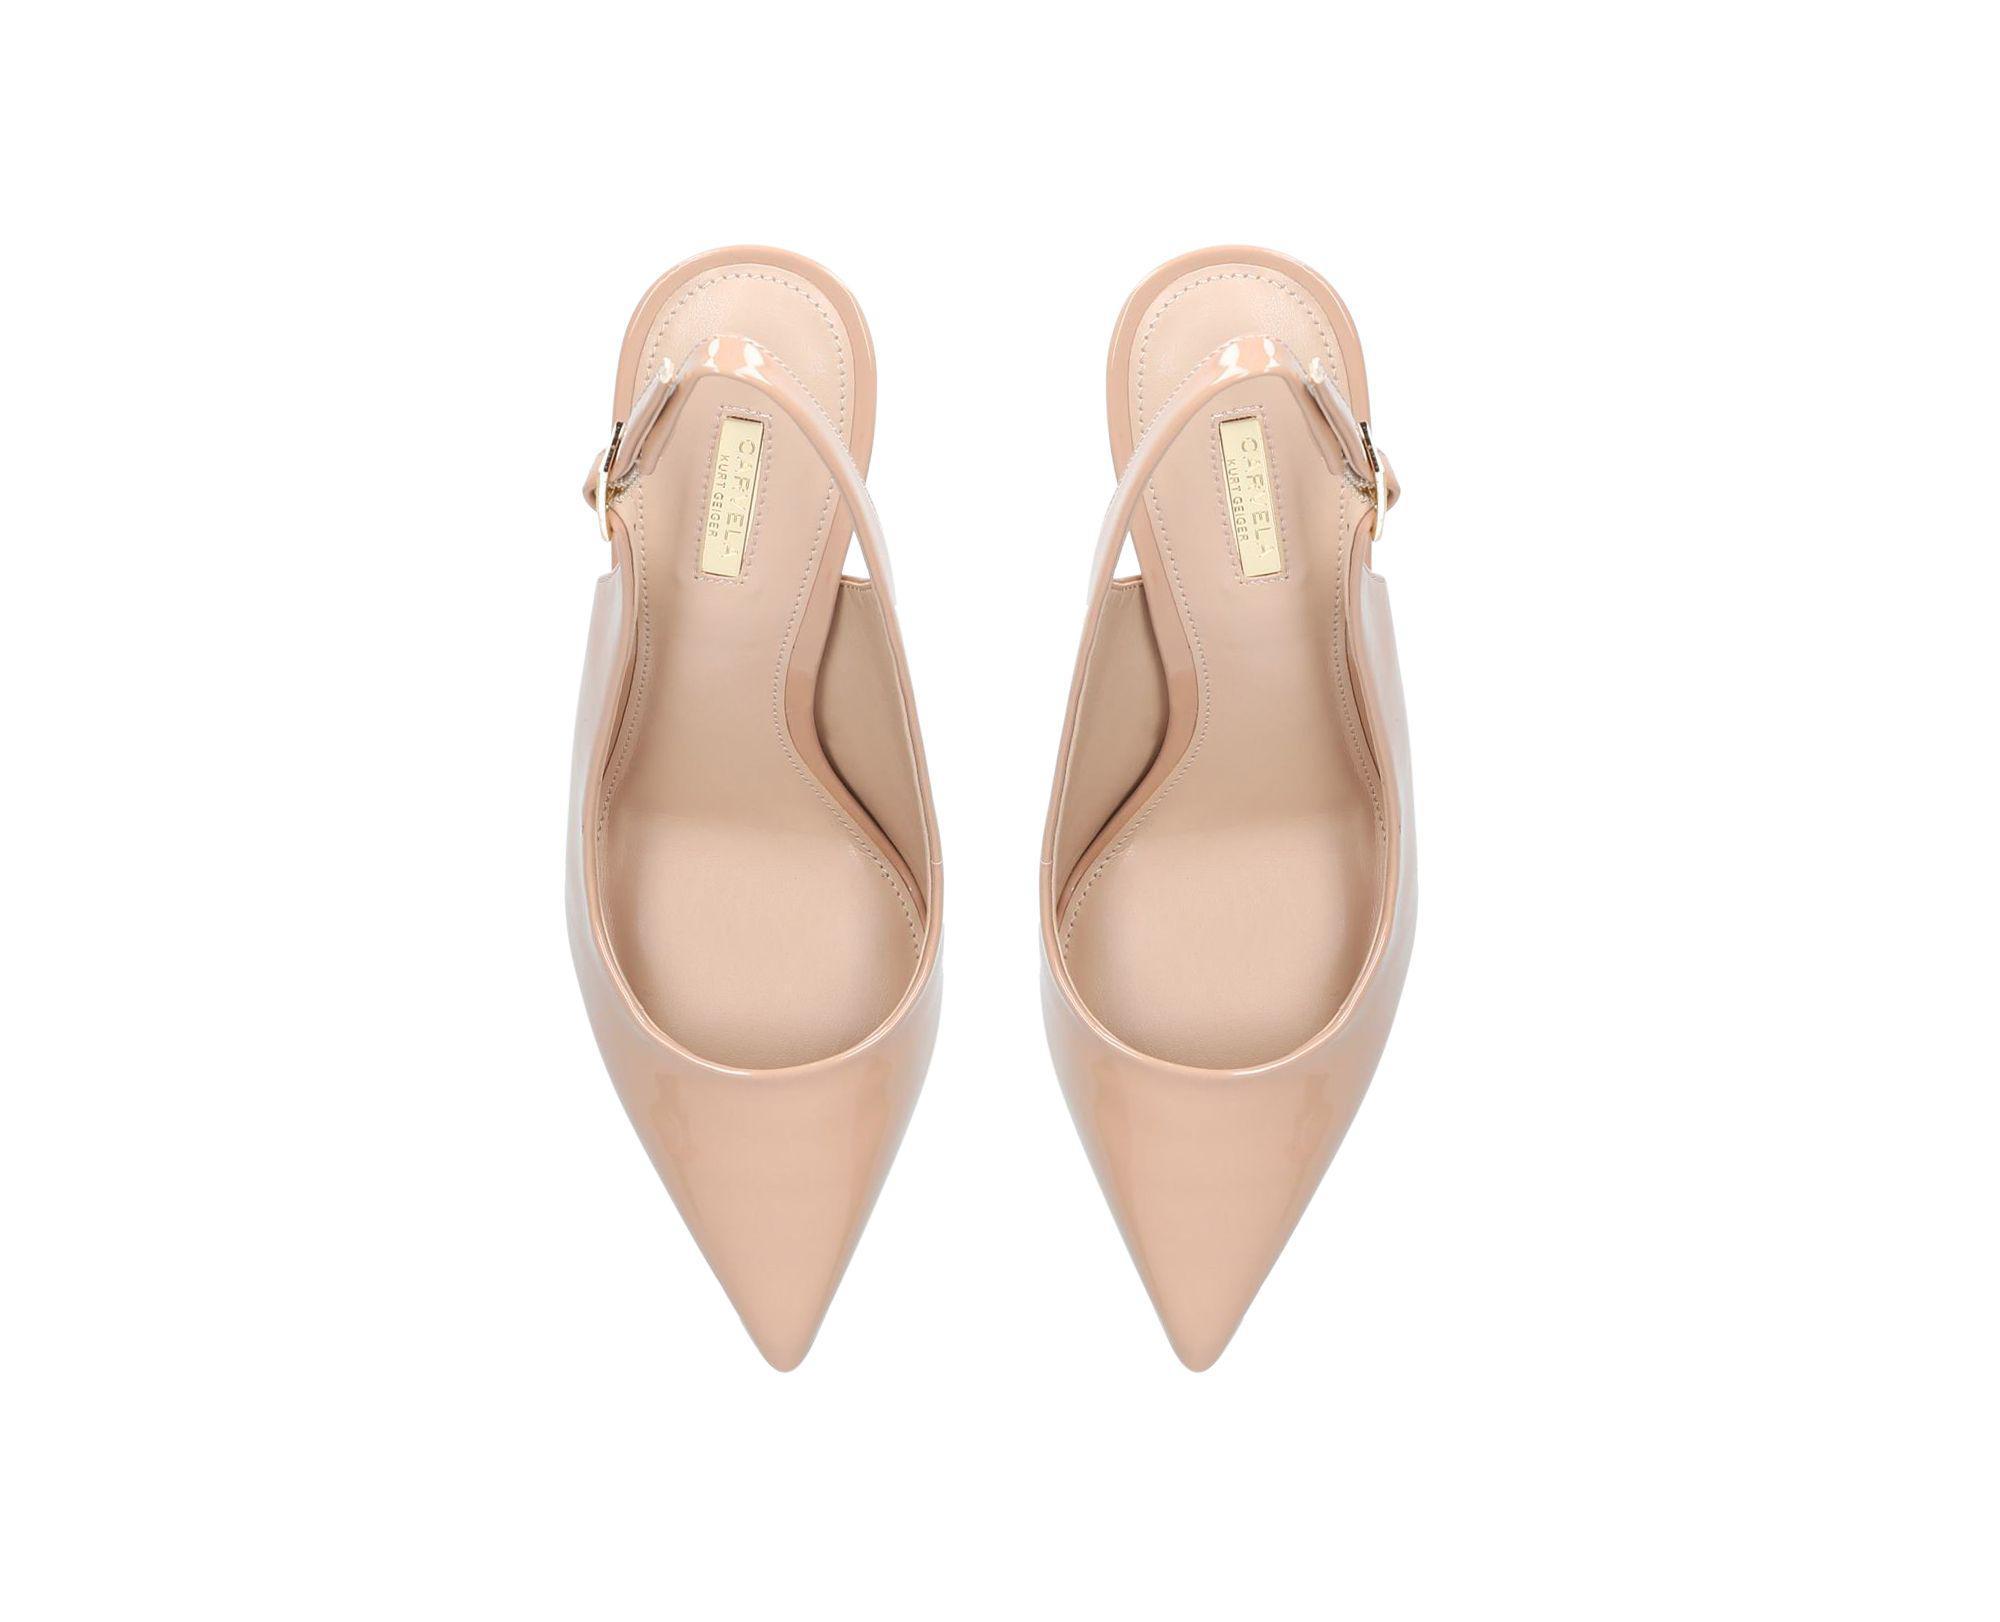 a8e9bb5612 Carvela Kurt Geiger Nude 'alexander' High Heel Court Shoes in ...